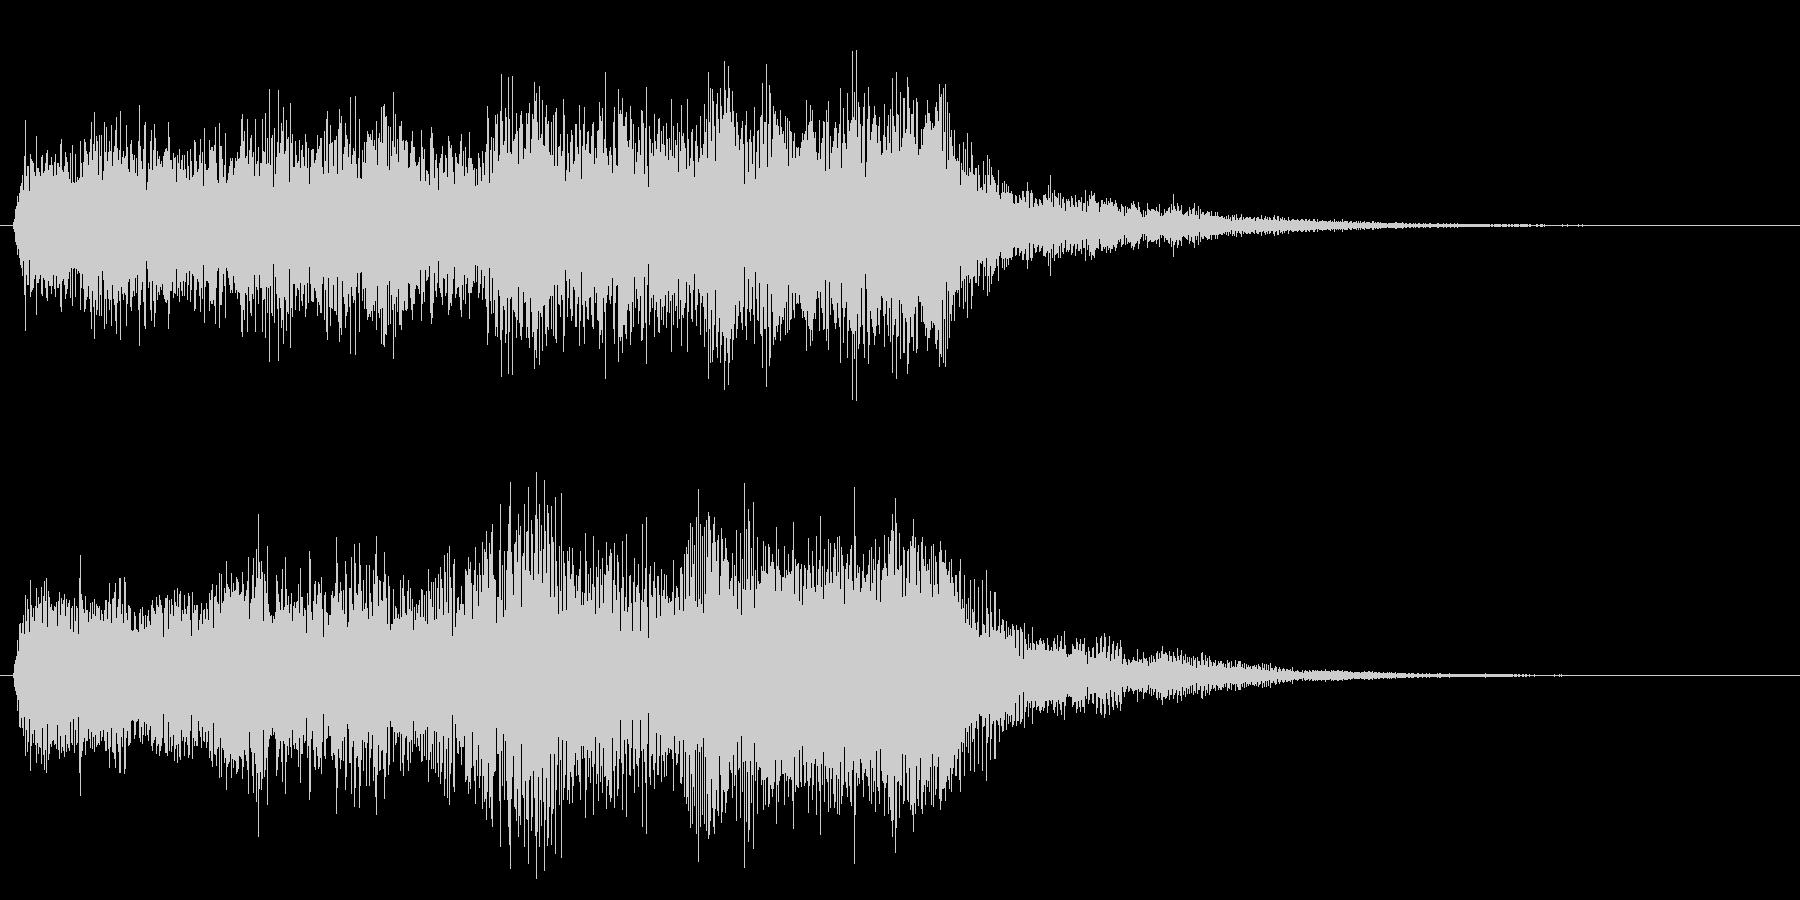 クリア 達成 正解 合格 オーケストラ の未再生の波形